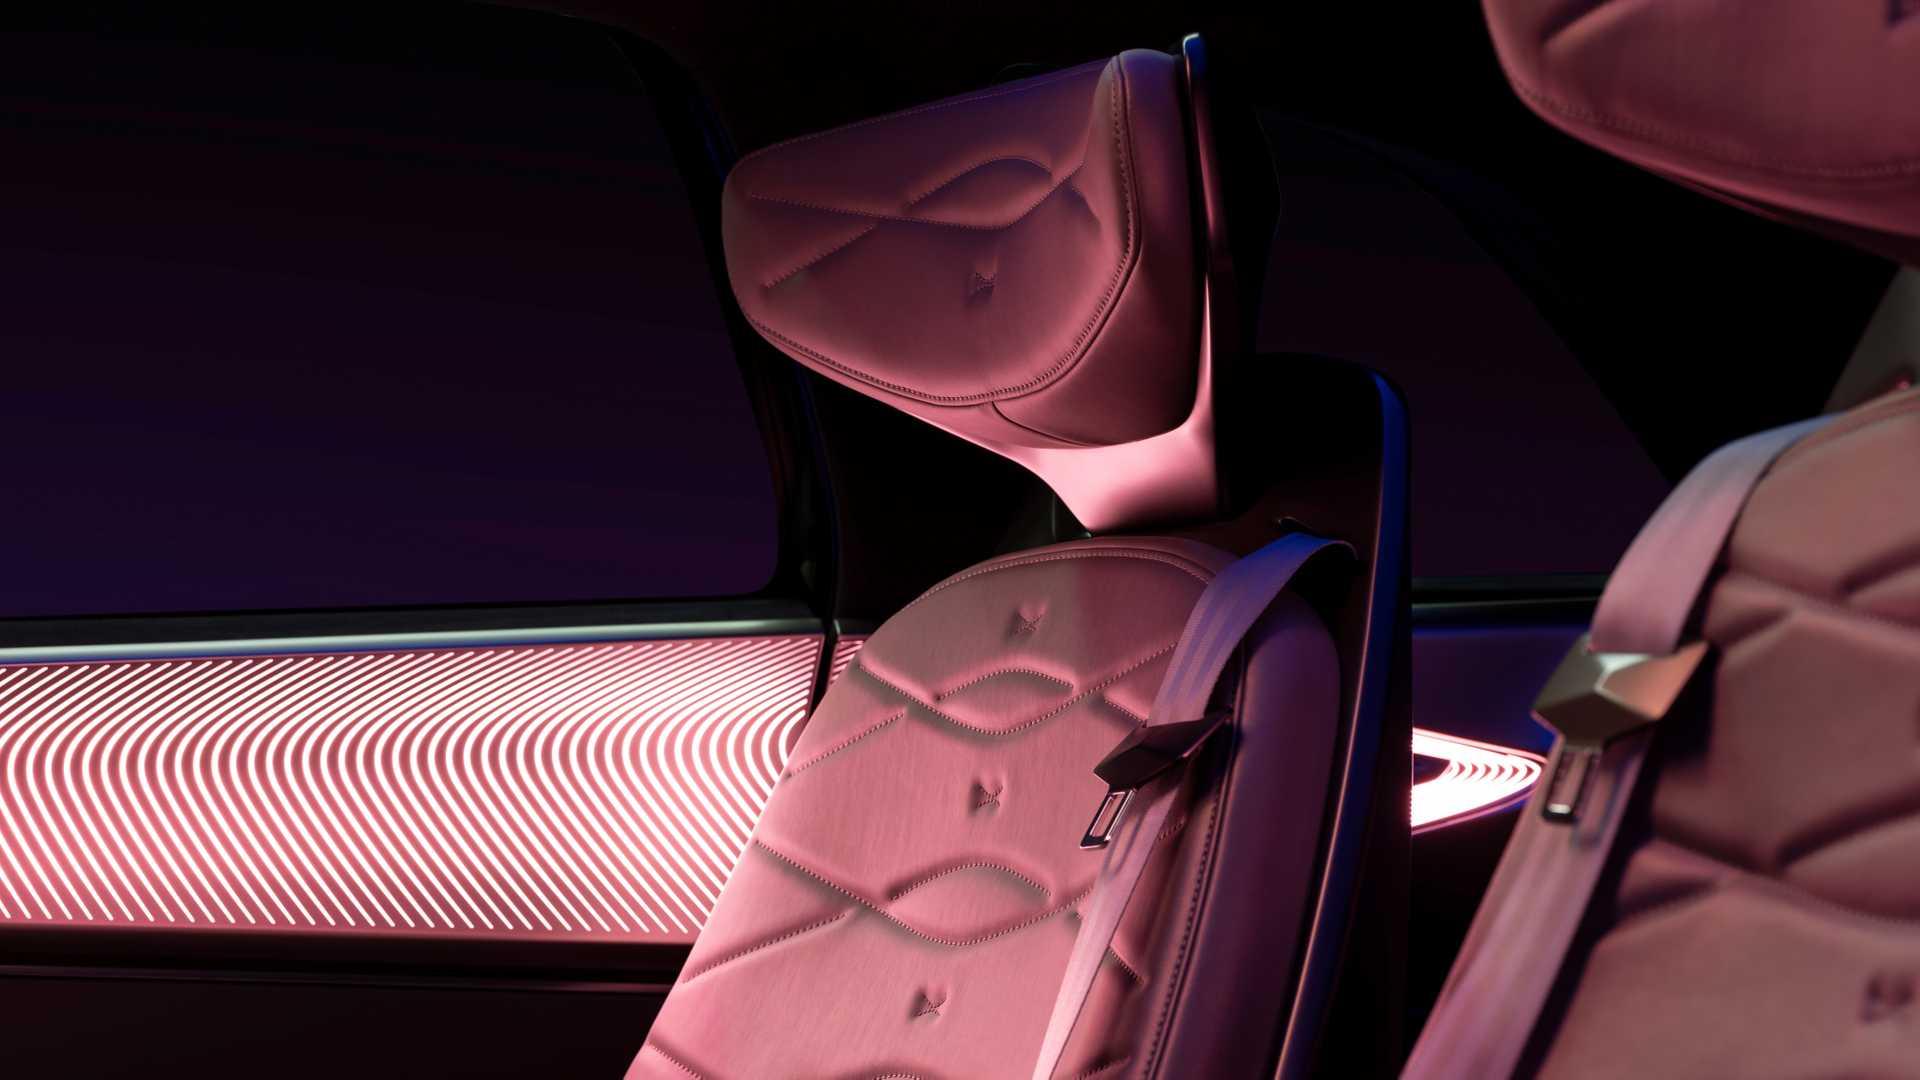 2021-volkswagen-i-d-roomzz (10)